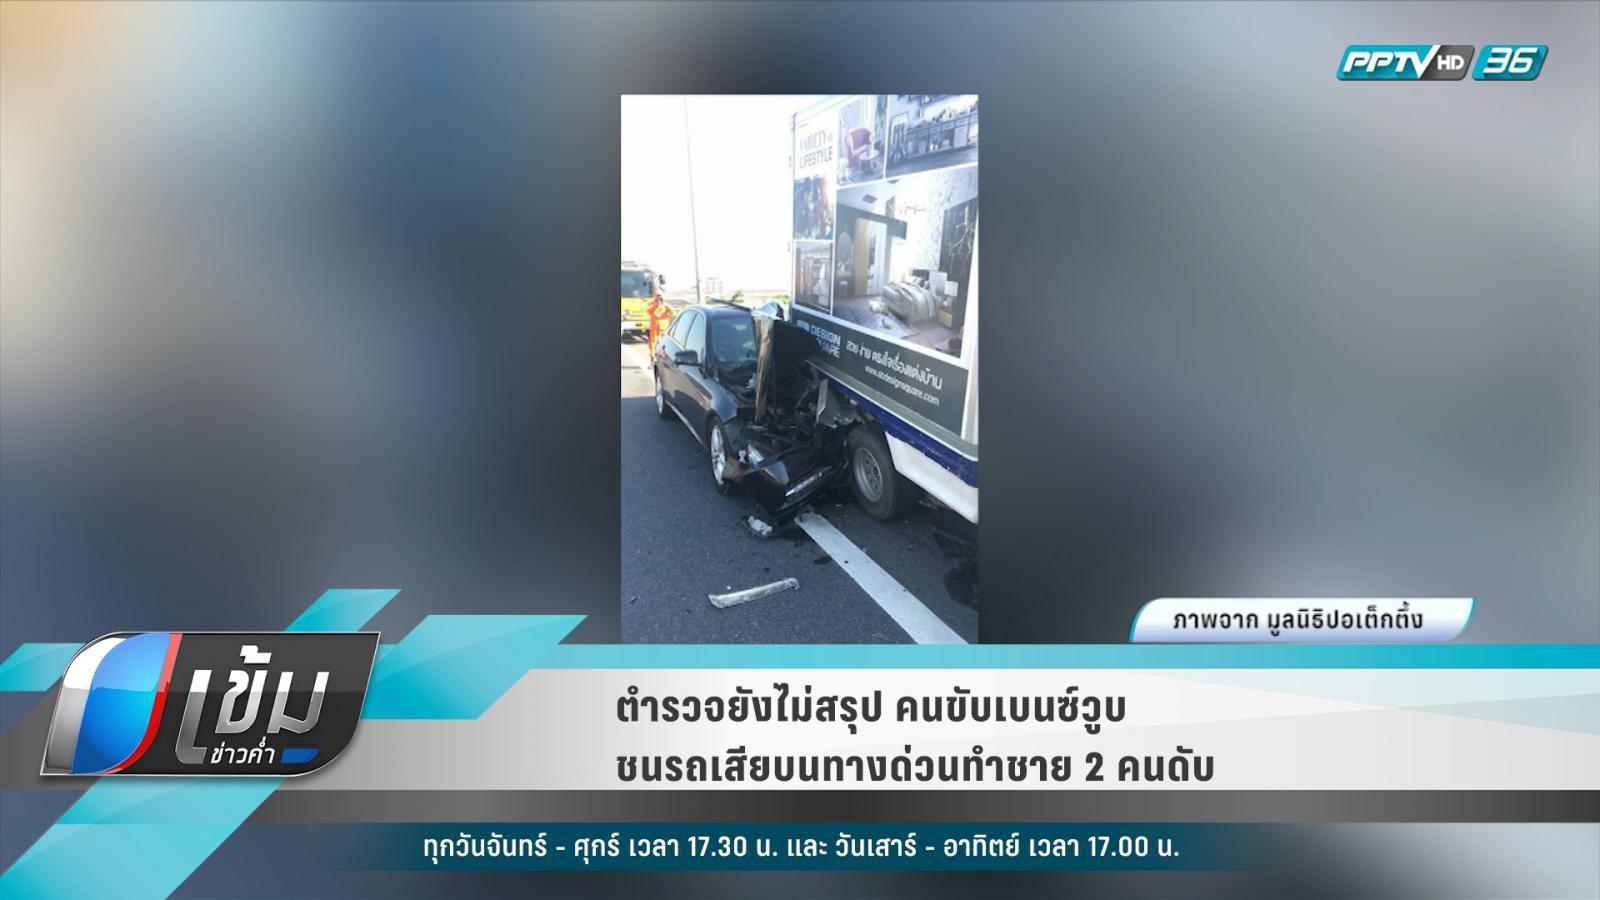 ตำรวจยังไม่สรุป คนขับเบนซ์วูบ ชนรถเสียบนทางด่วนทำชาย 2 คนเสียชีวิต